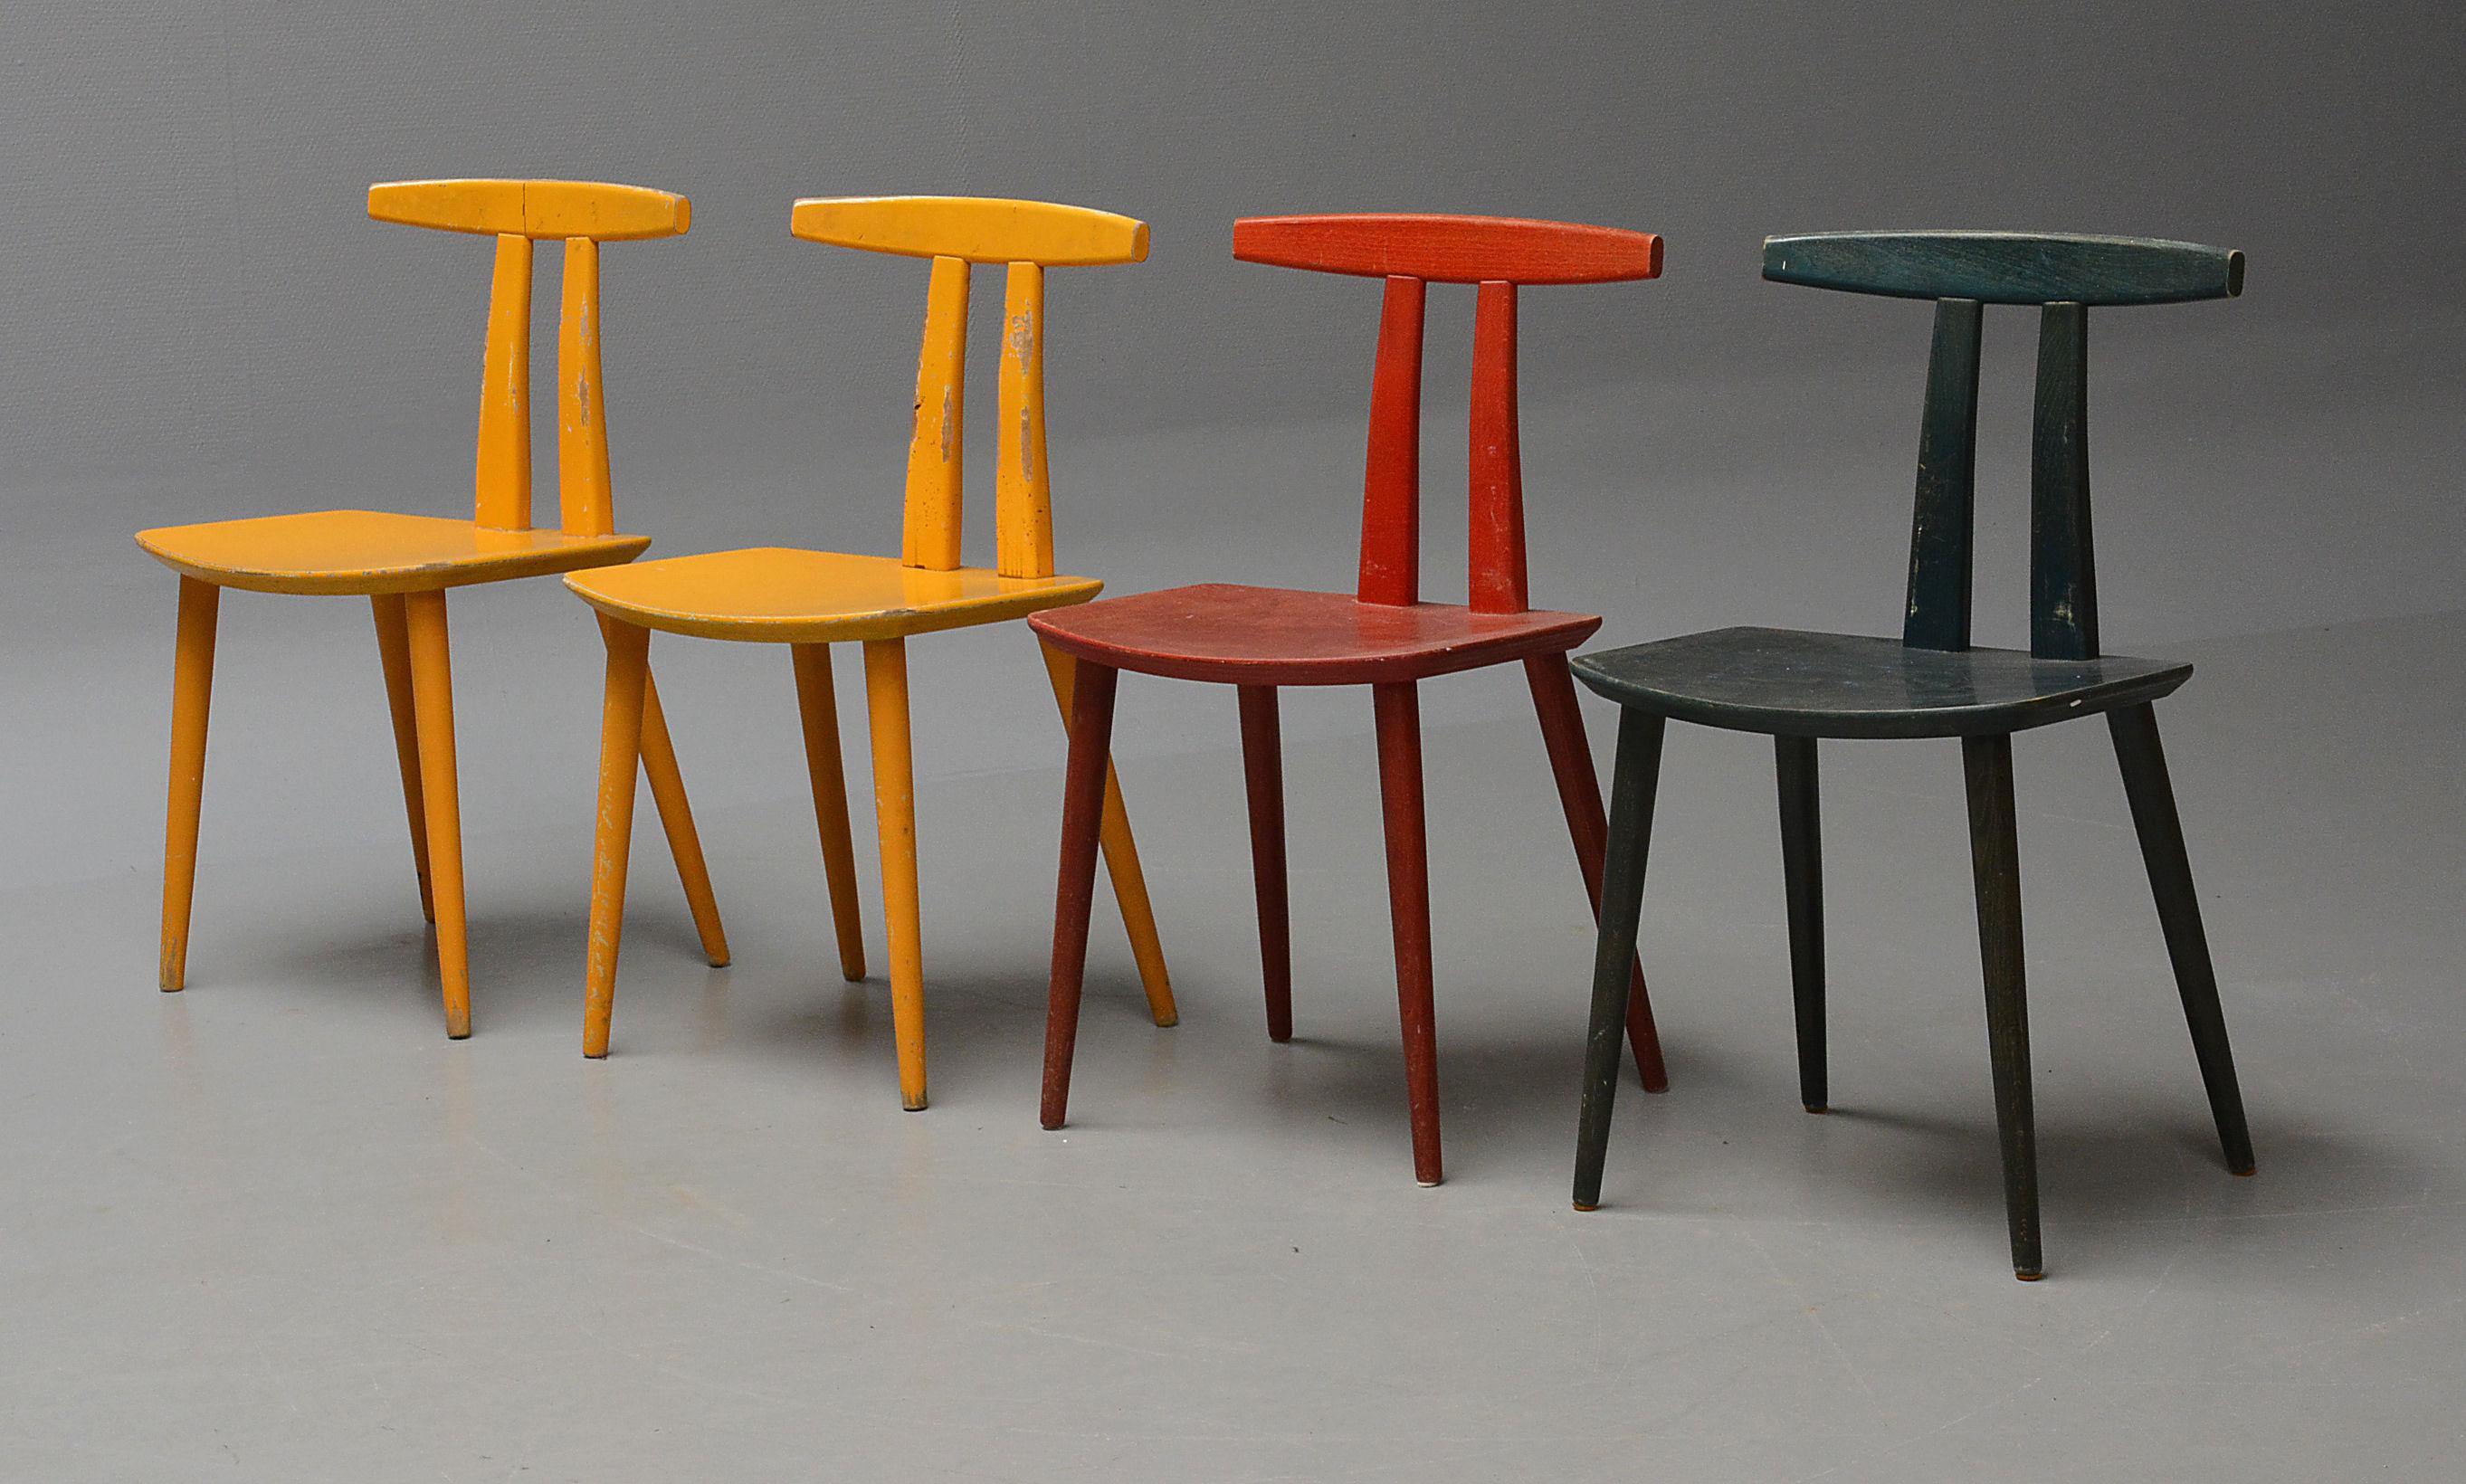 週末に行っておきたい北欧のデザイン展はこちら!